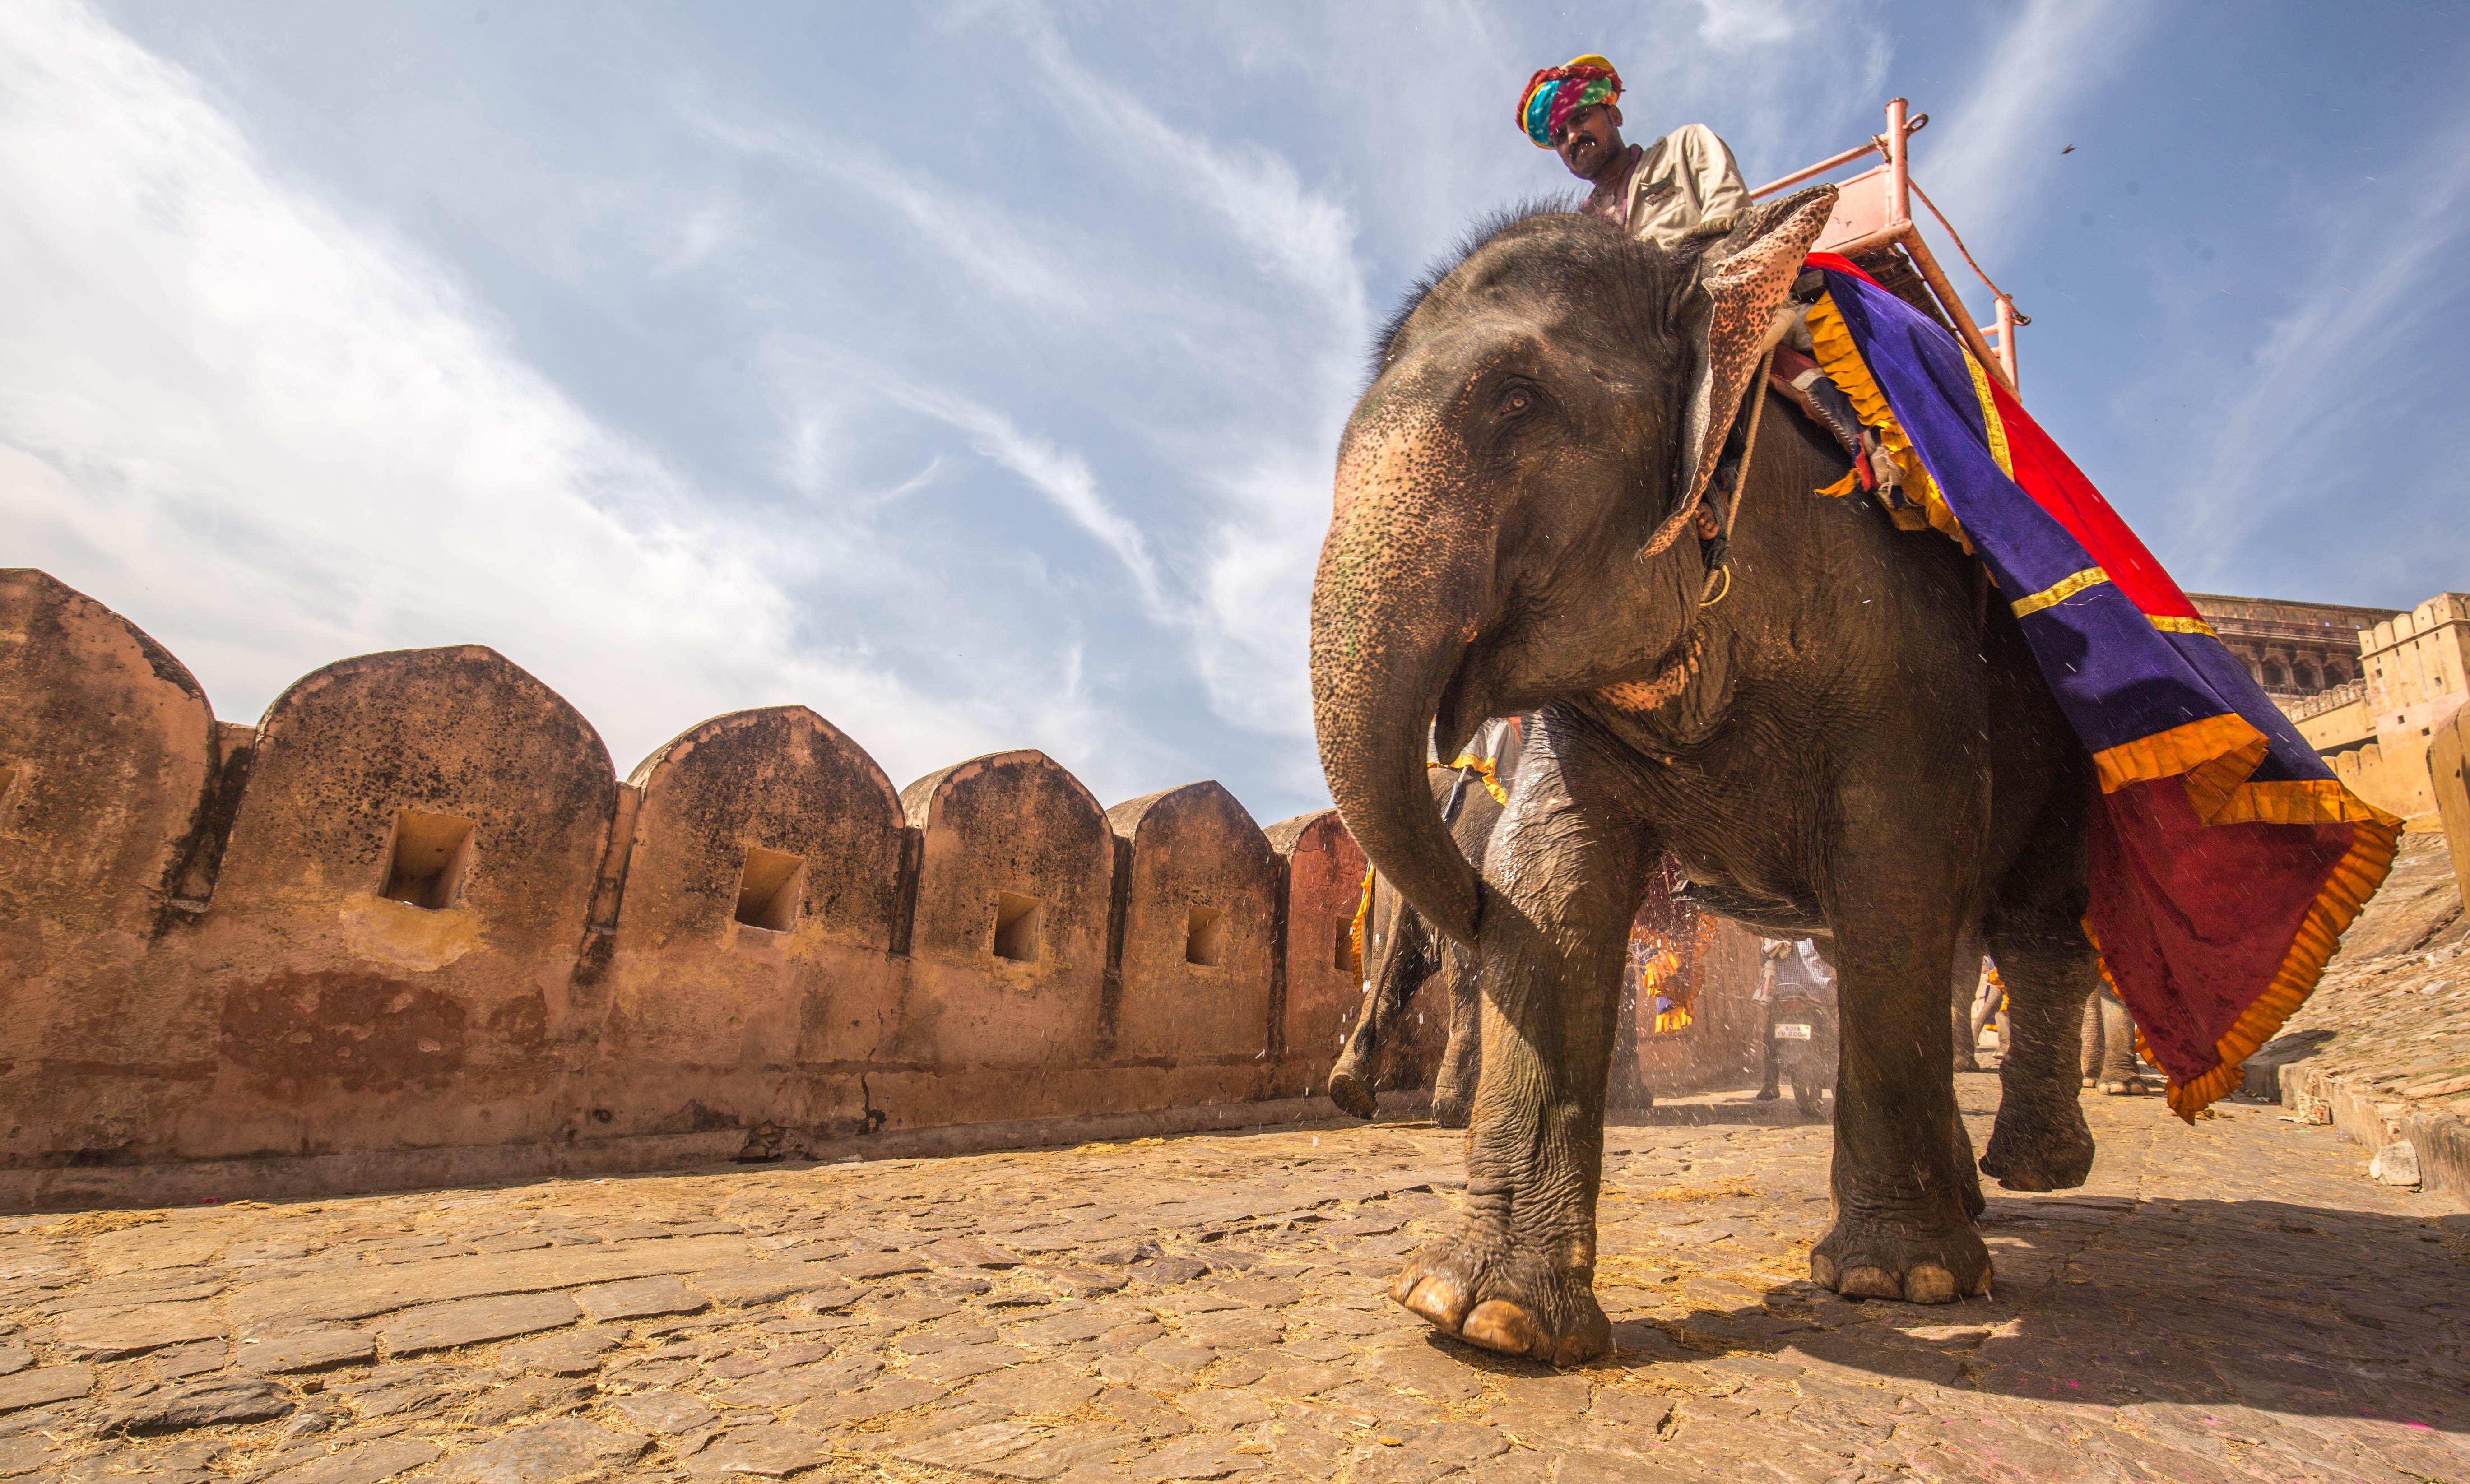 L'Inde - Un homme sur un éléphant